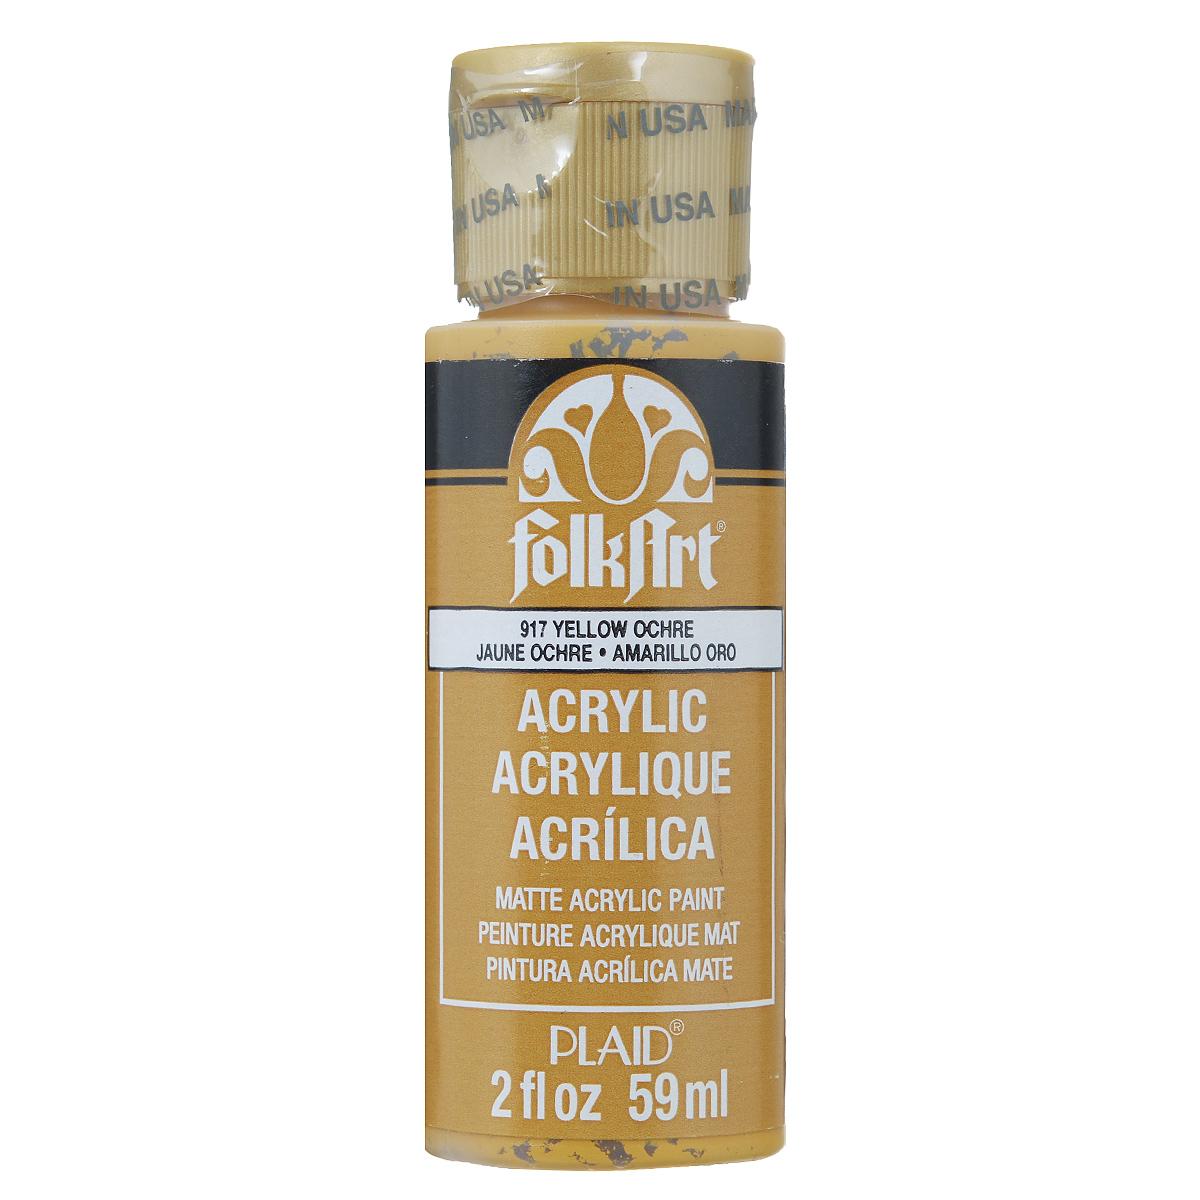 Акриловая краска FolkArt, цвет: желтая охра, 59 млPLD-00917Акриловая краска FolkArt выполнена на водной основе и предназначена для рисования на пористых поверхностях. Краска устойчива к погодным и ультрафиолетовым воздействиям. Не нуждается в дополнительном покрытии герметиком. После высыхания имеет глянцевый вид. Изделия покрытые краской FolkArt, прекрасно дополнят ваш интерьер. Объем: 59 мл.